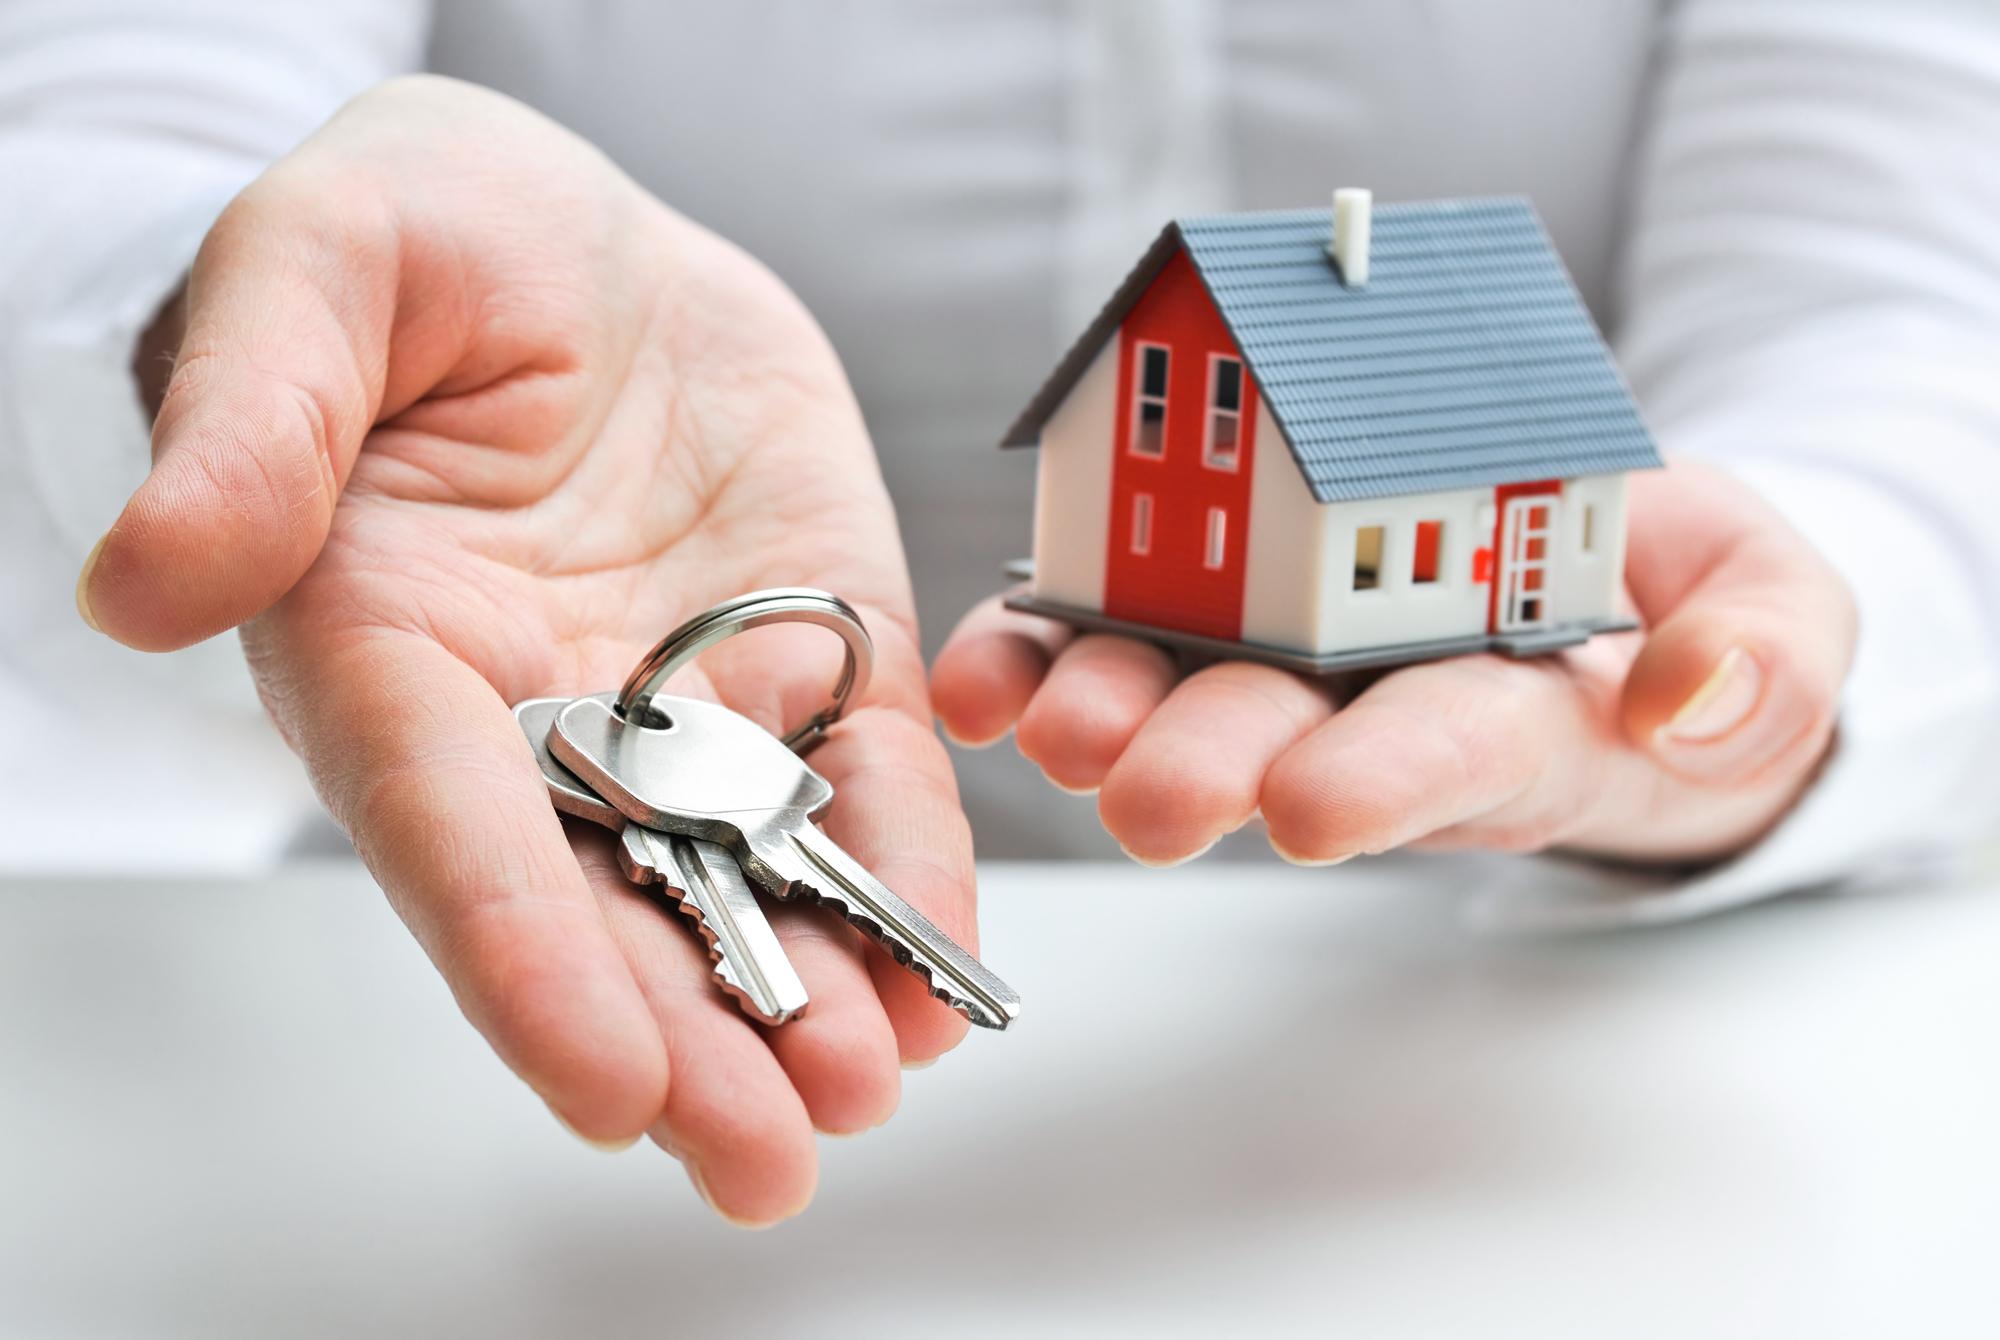 Можно ли подарить квартиру с проживанием